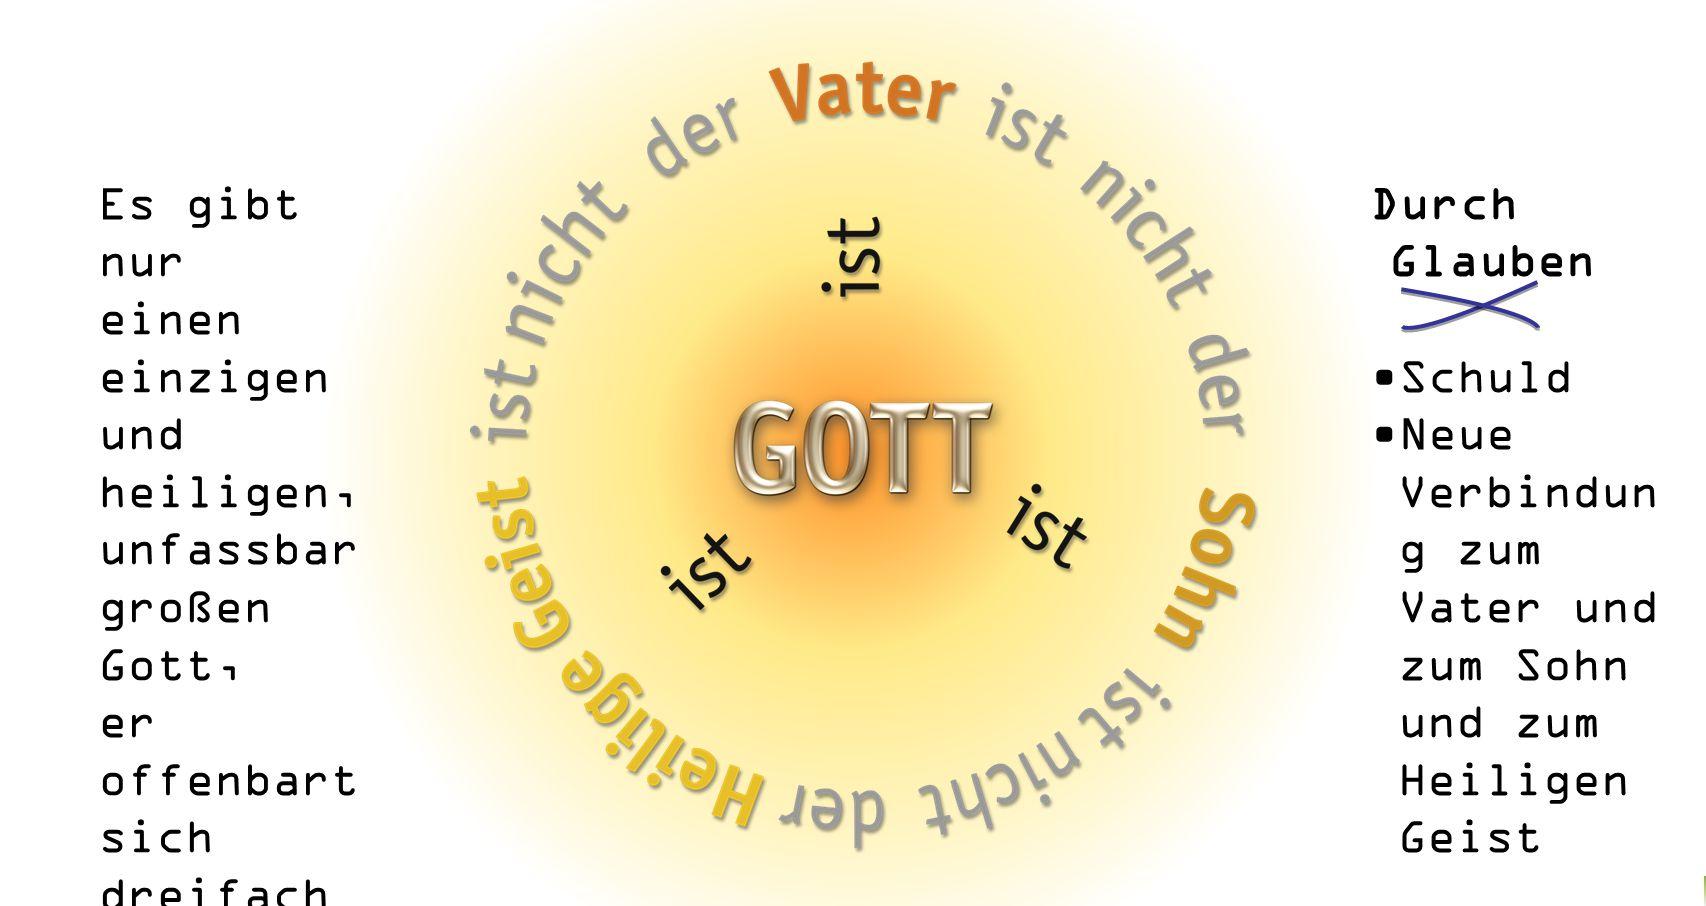 9 Es gibt nur einen einzigen und heiligen, unfassbar großen Gott, er offenbart sich dreifach und rettet durch Glauben. Durch Glauben Schuld Neue Verbi